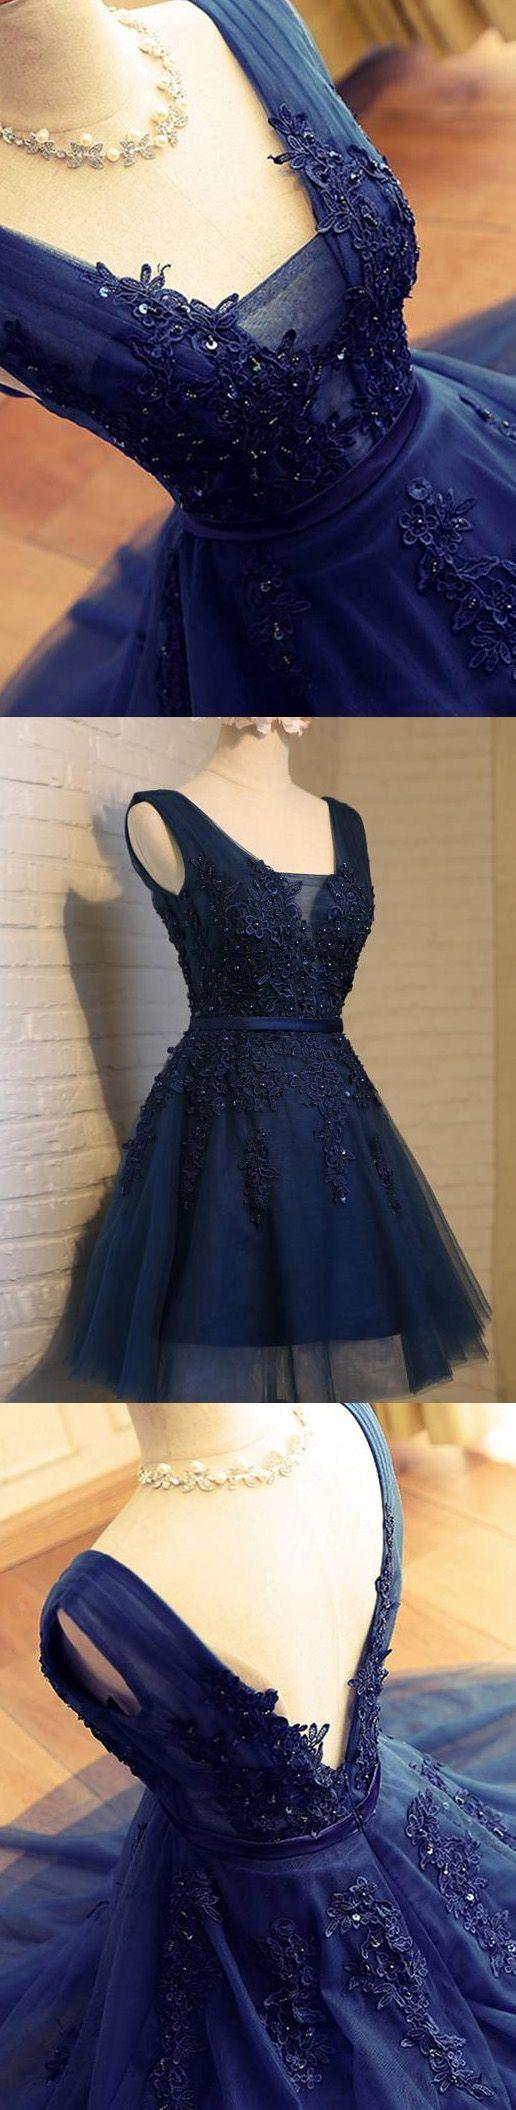 Pin by hana king on dresses pinterest navy prom dresses short